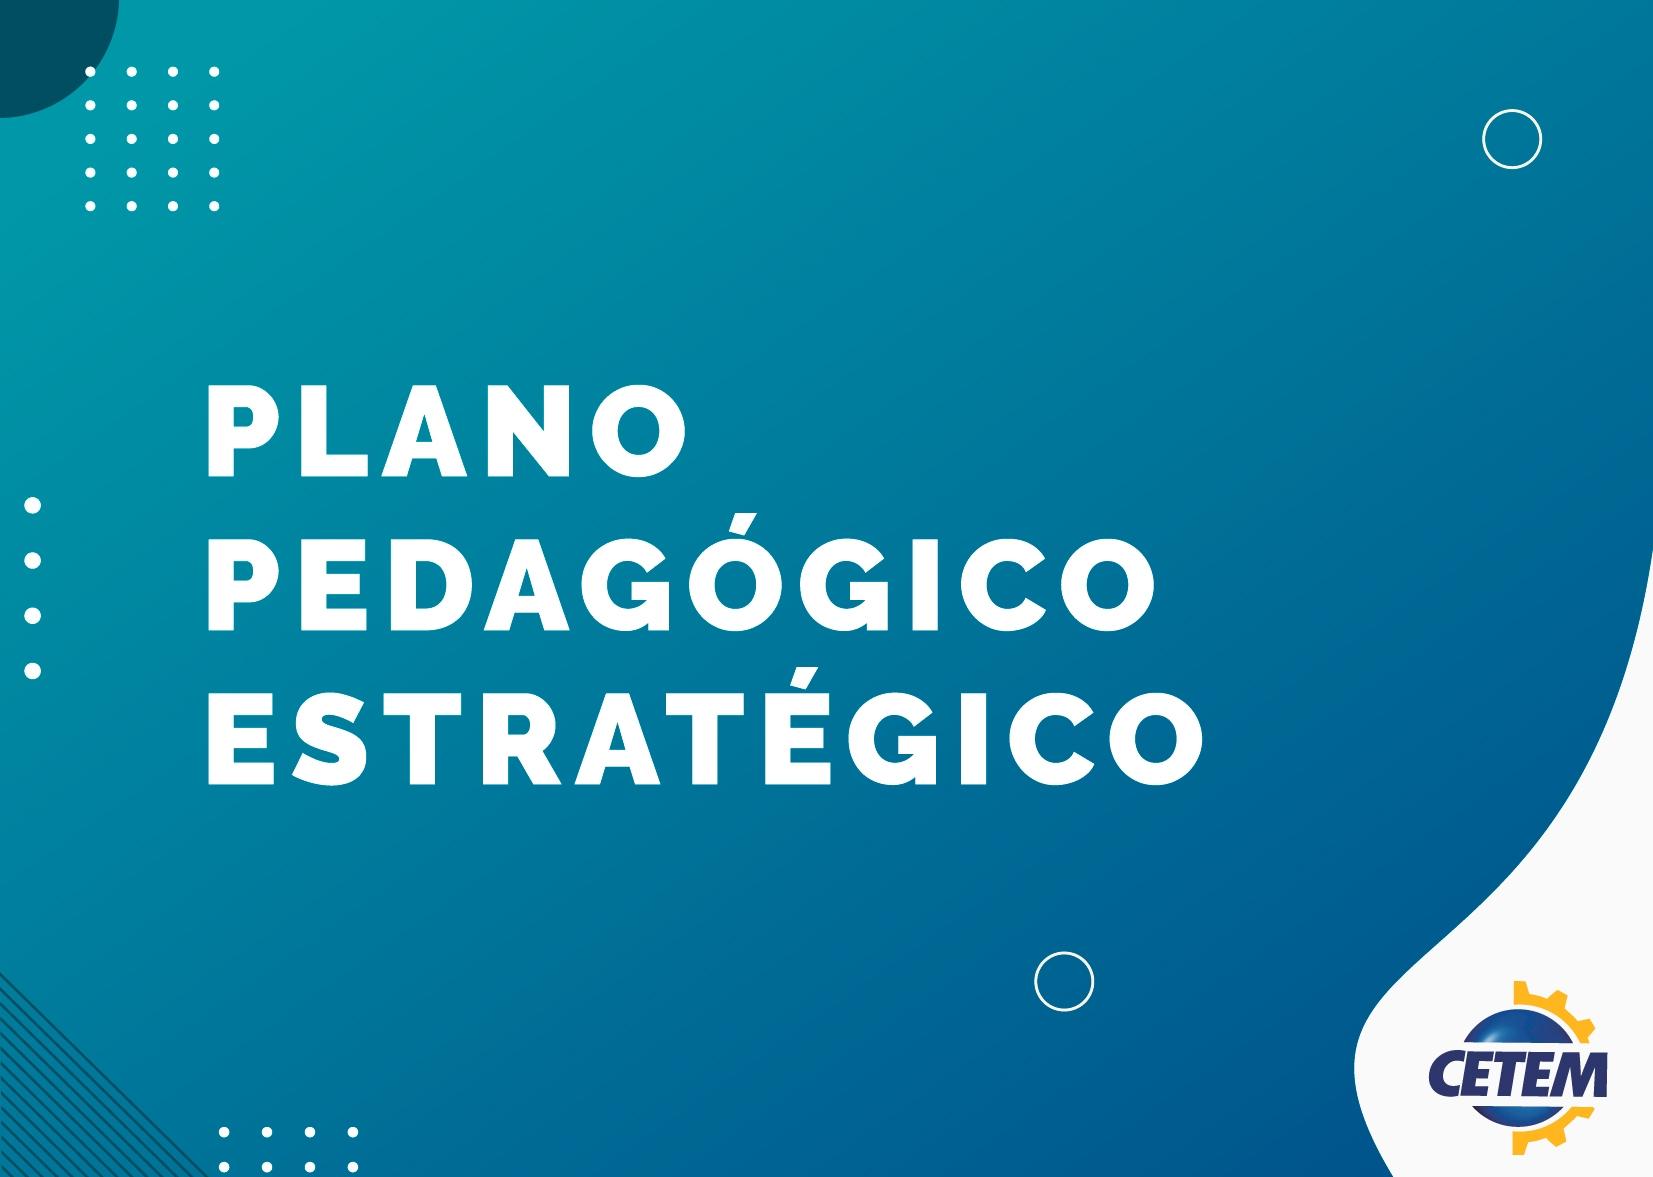 Plano Pedagógico Estratégico CETEM